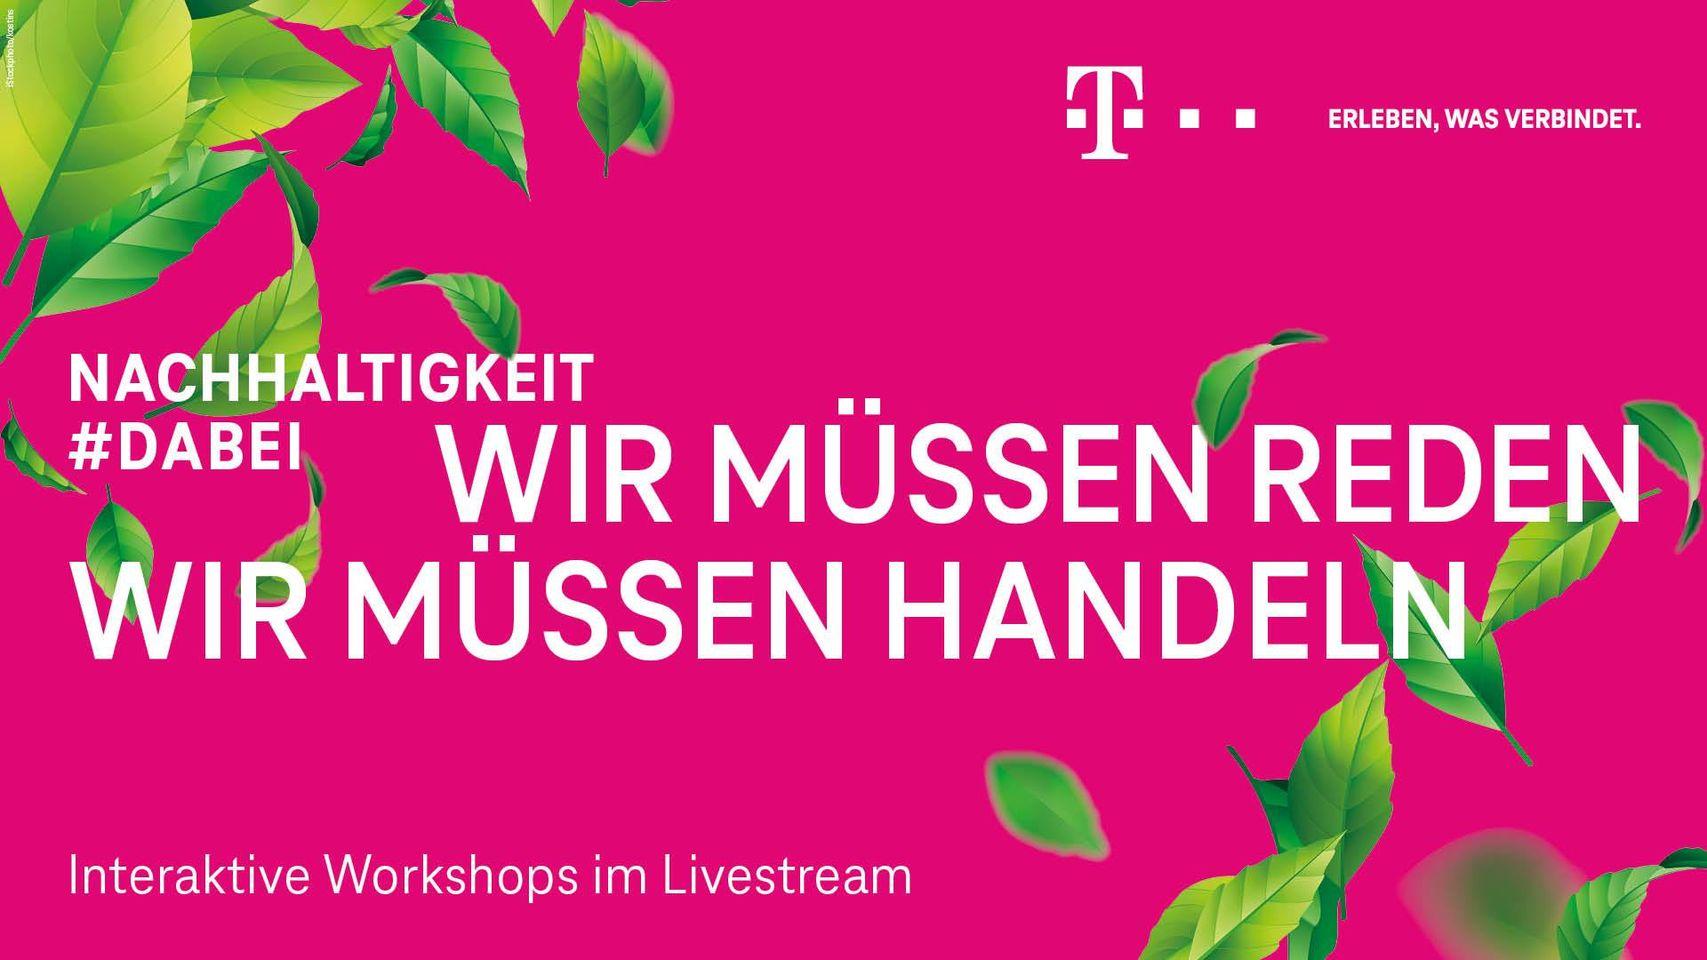 Nachhaltigkeit #dabei Header Picture - a livestream production by PIRATEx